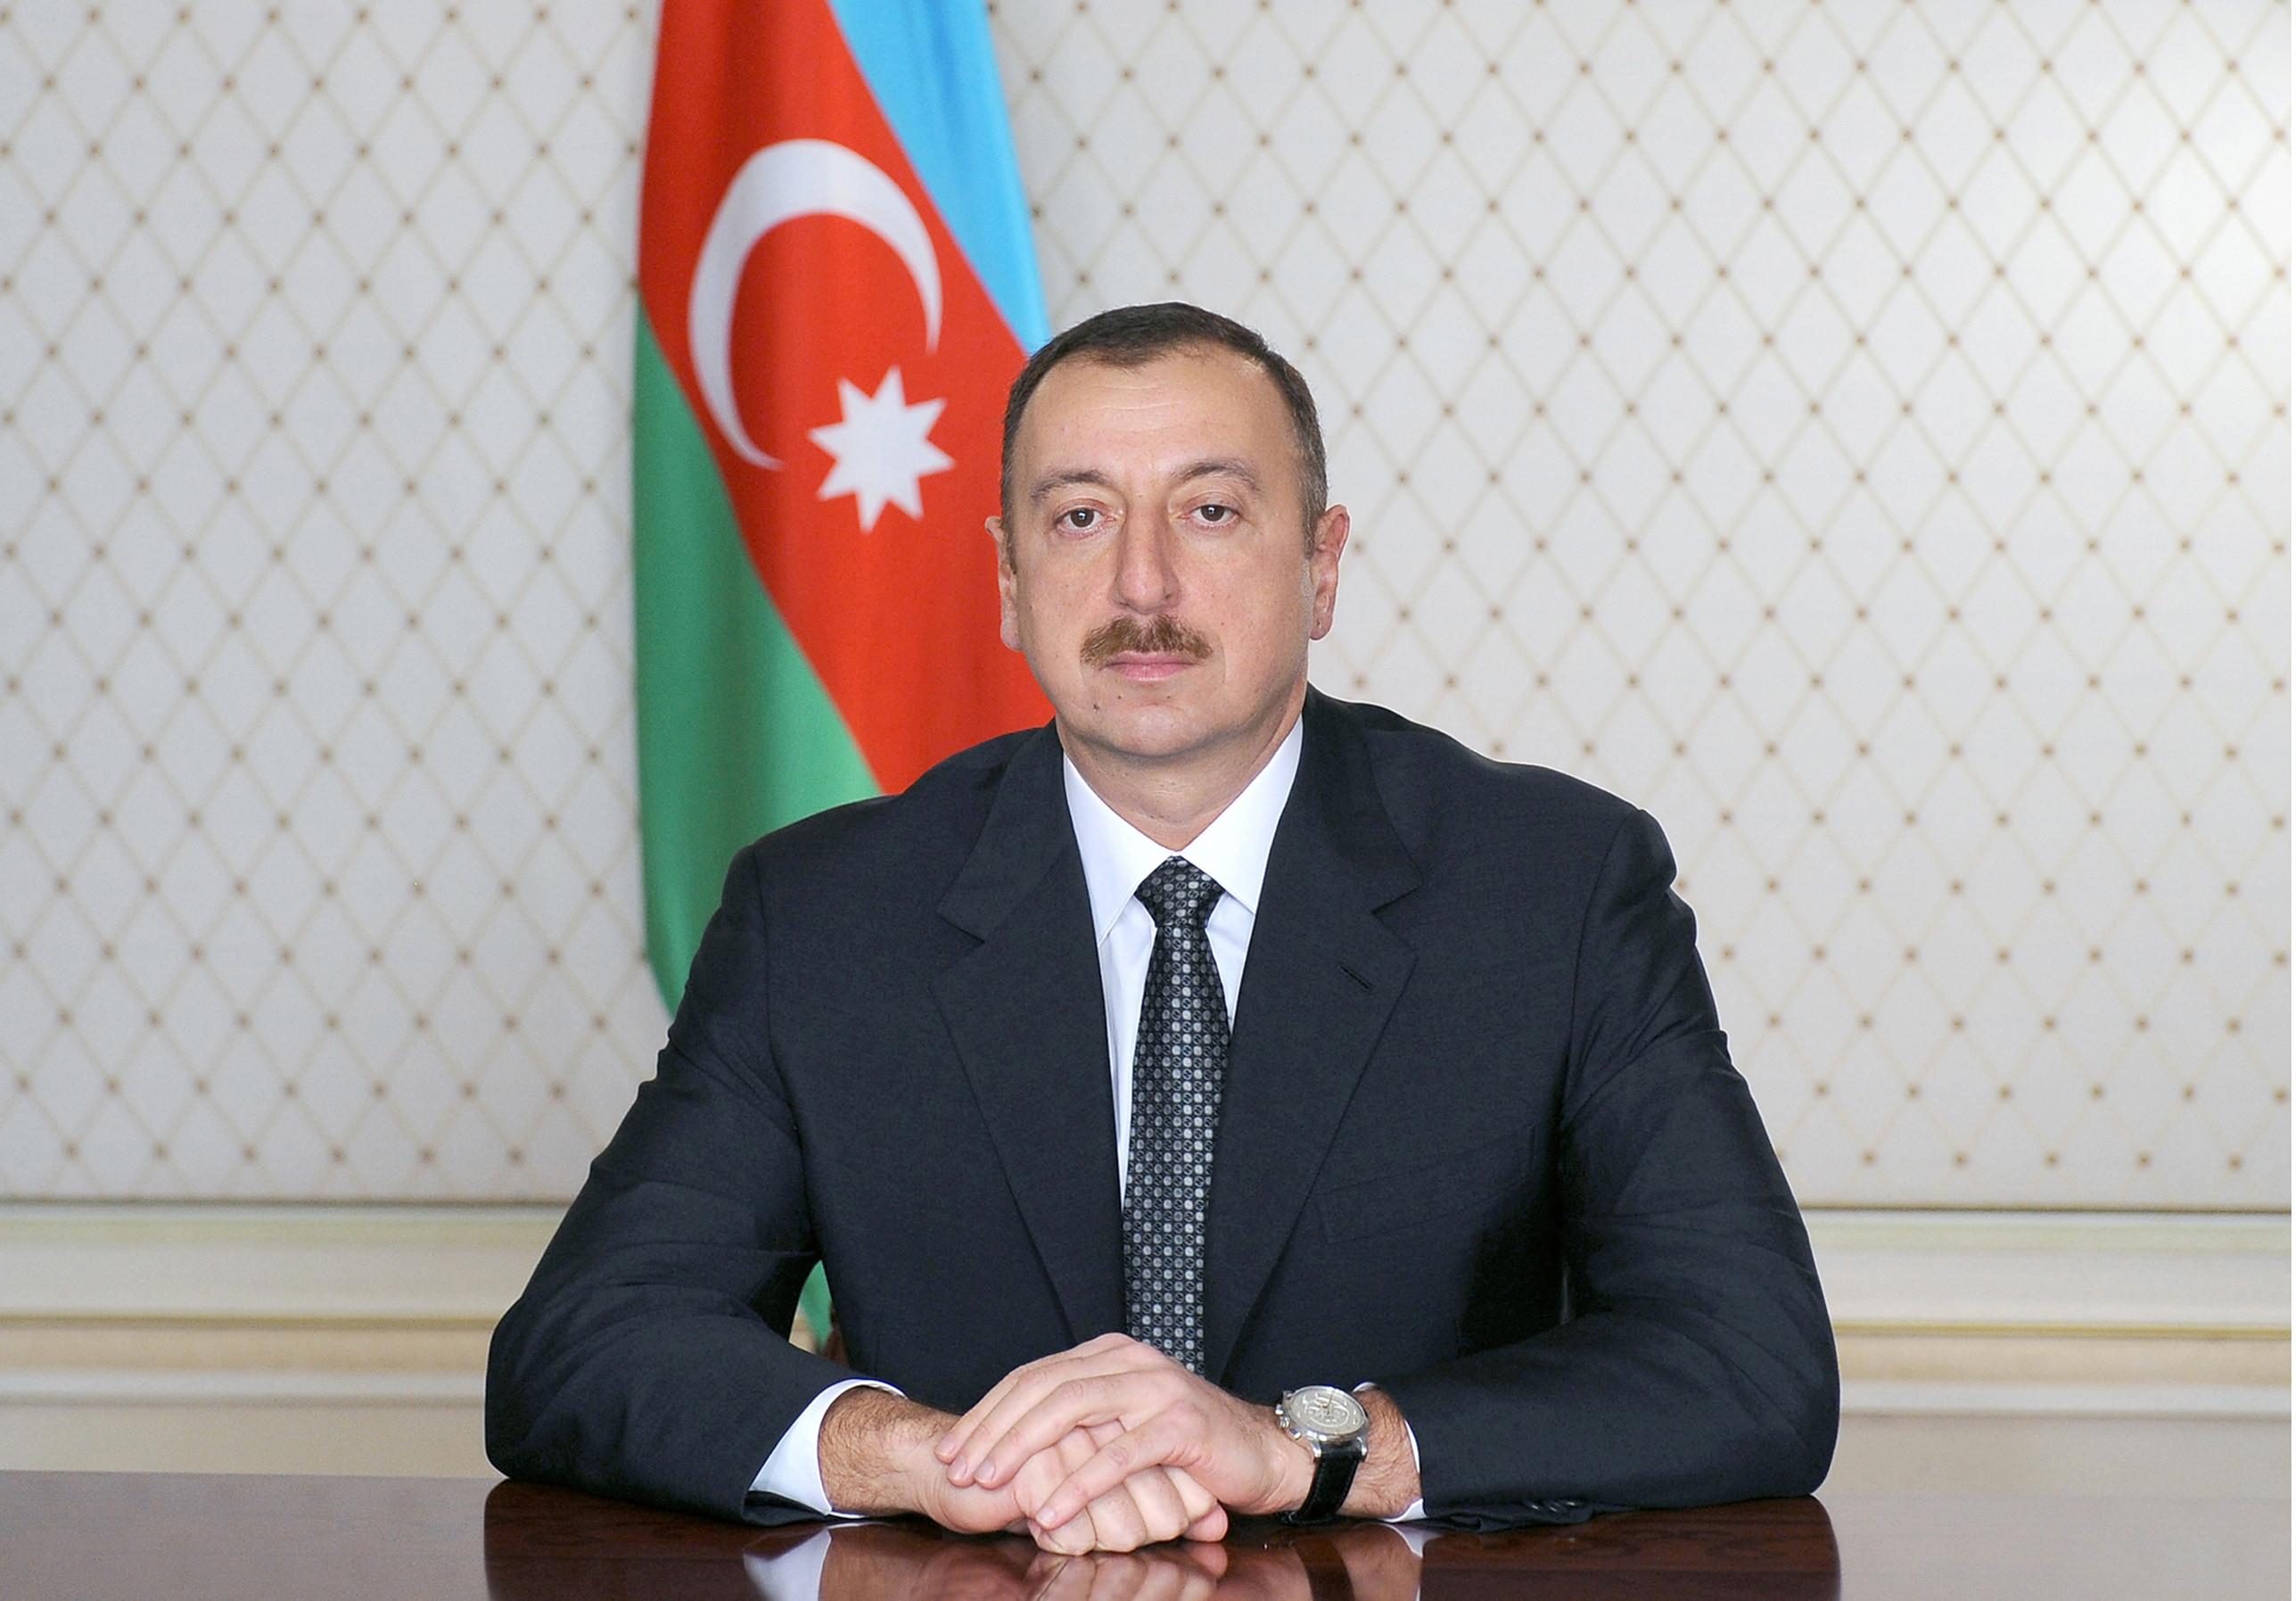 Положительные тенденции вАзербайджане усилятся и в 2018-ом — Ильхам Алиев